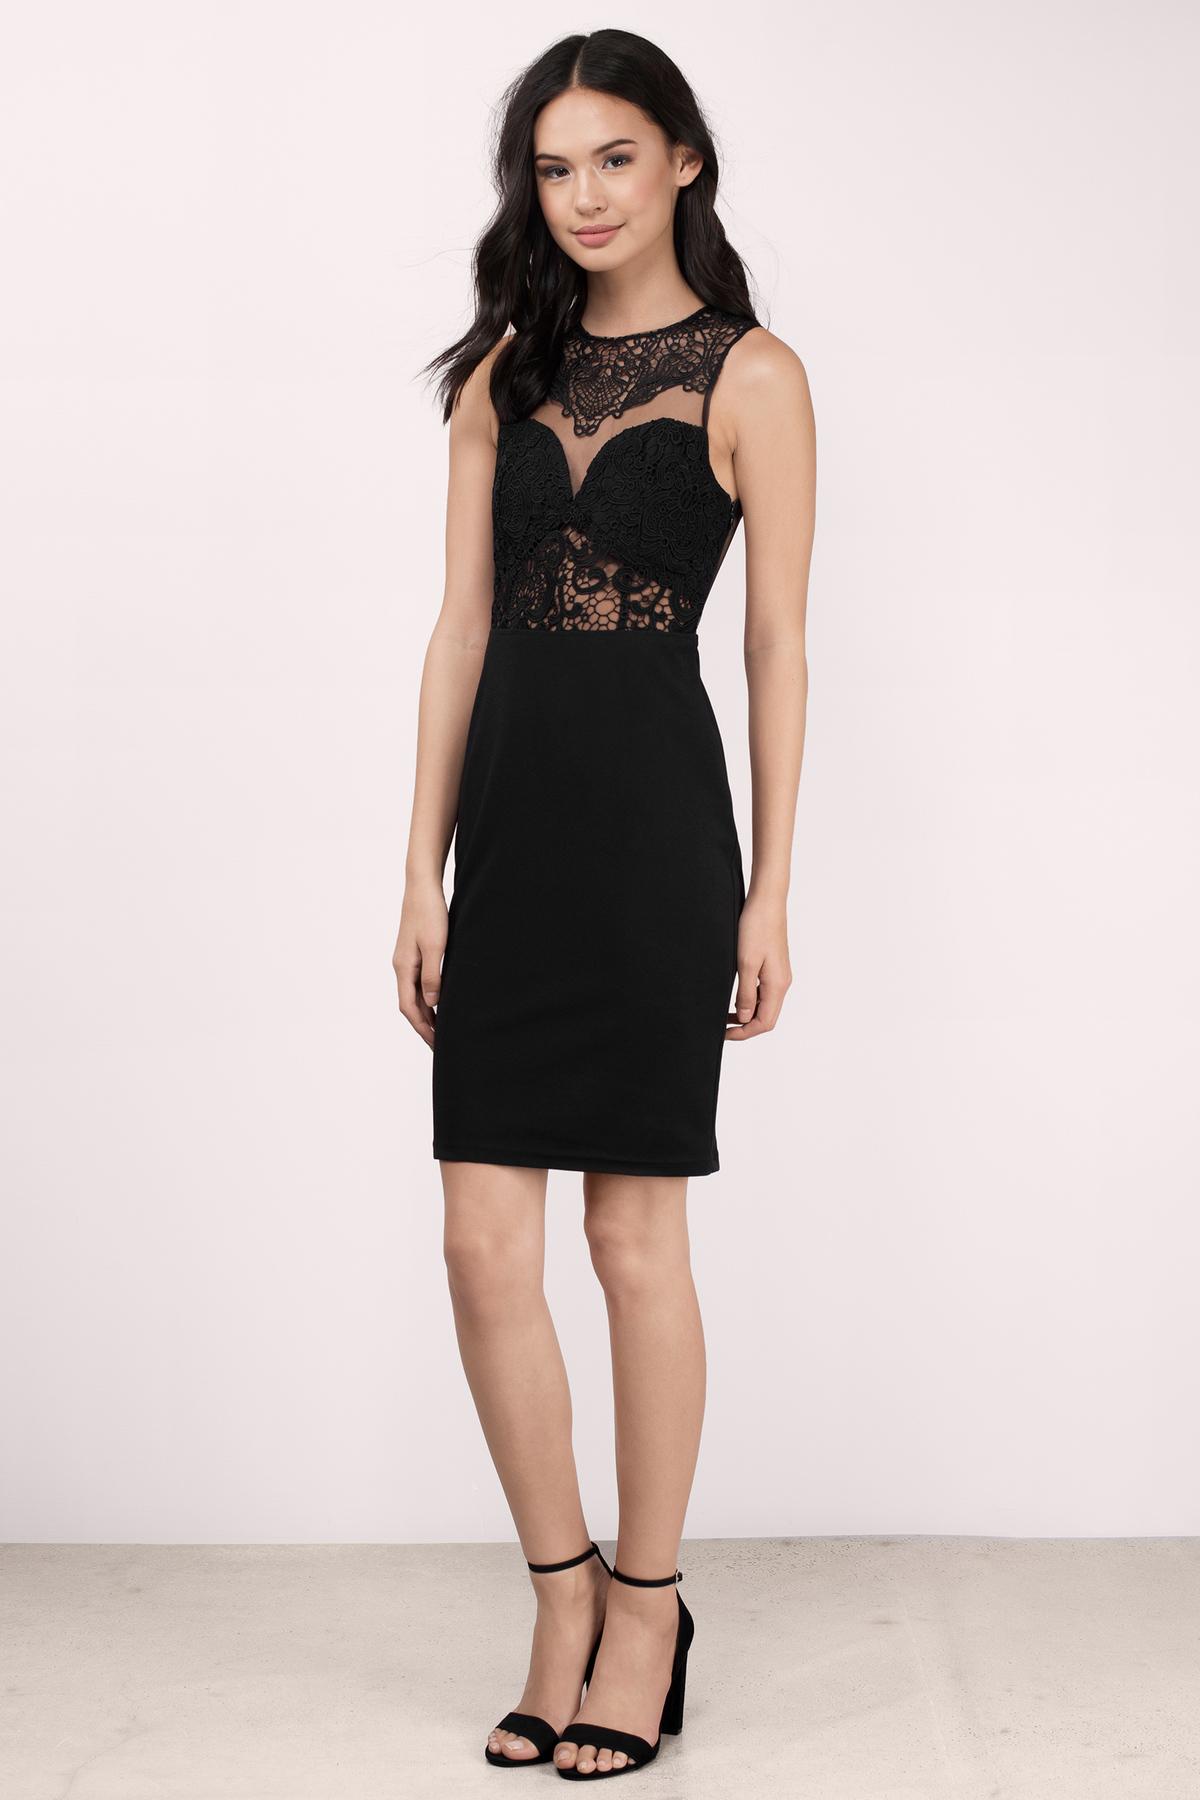 Trendy Black Bodycon Dress - Lace Tank Dress - $27.00